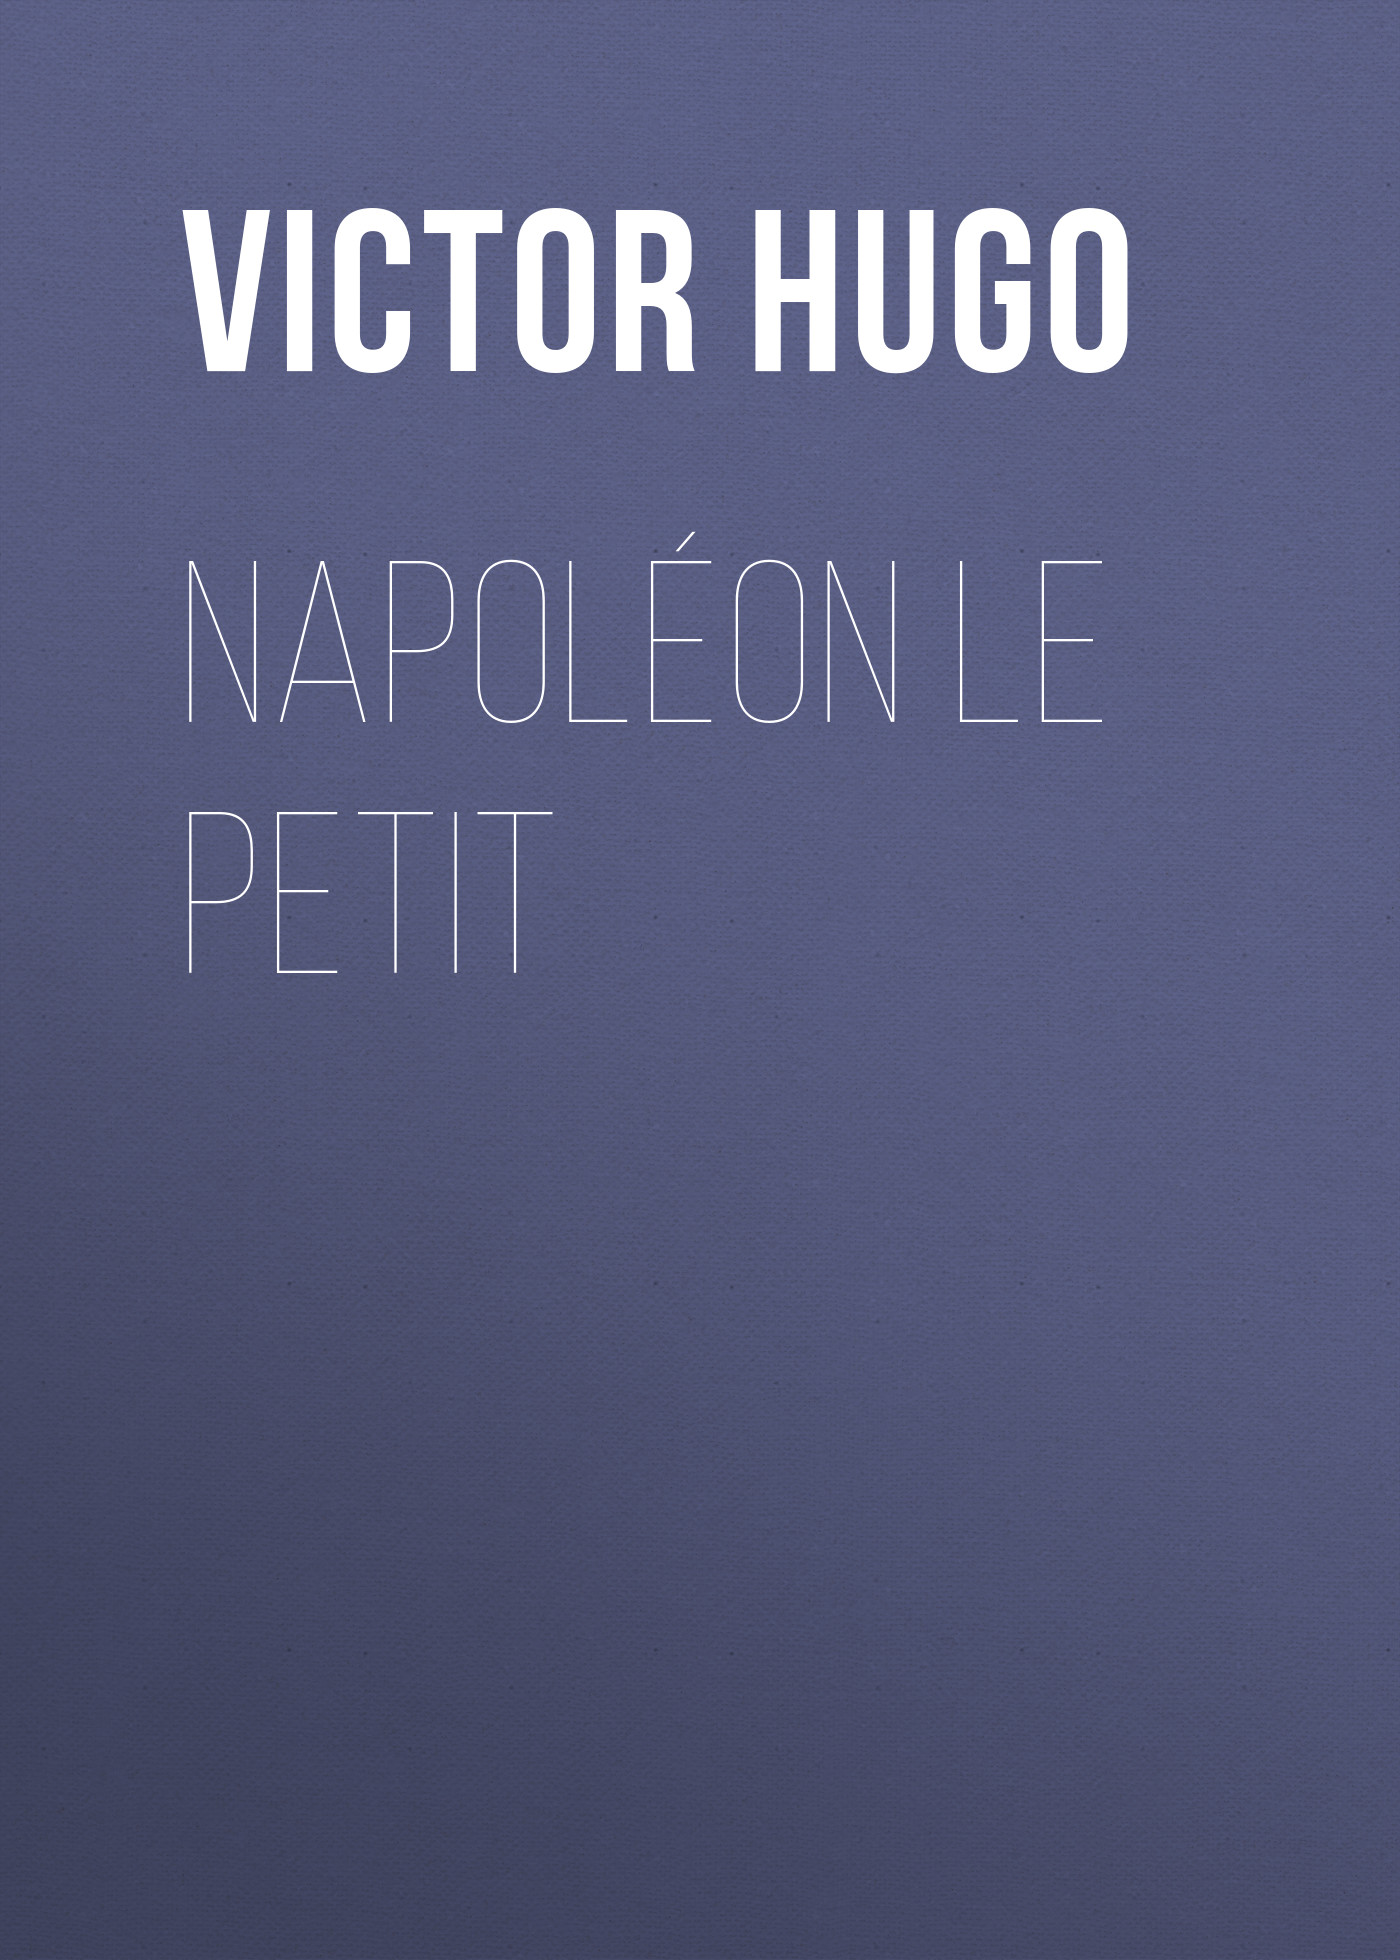 Фото - Виктор Мари Гюго Napoléon Le Petit виктор мари гюго poems